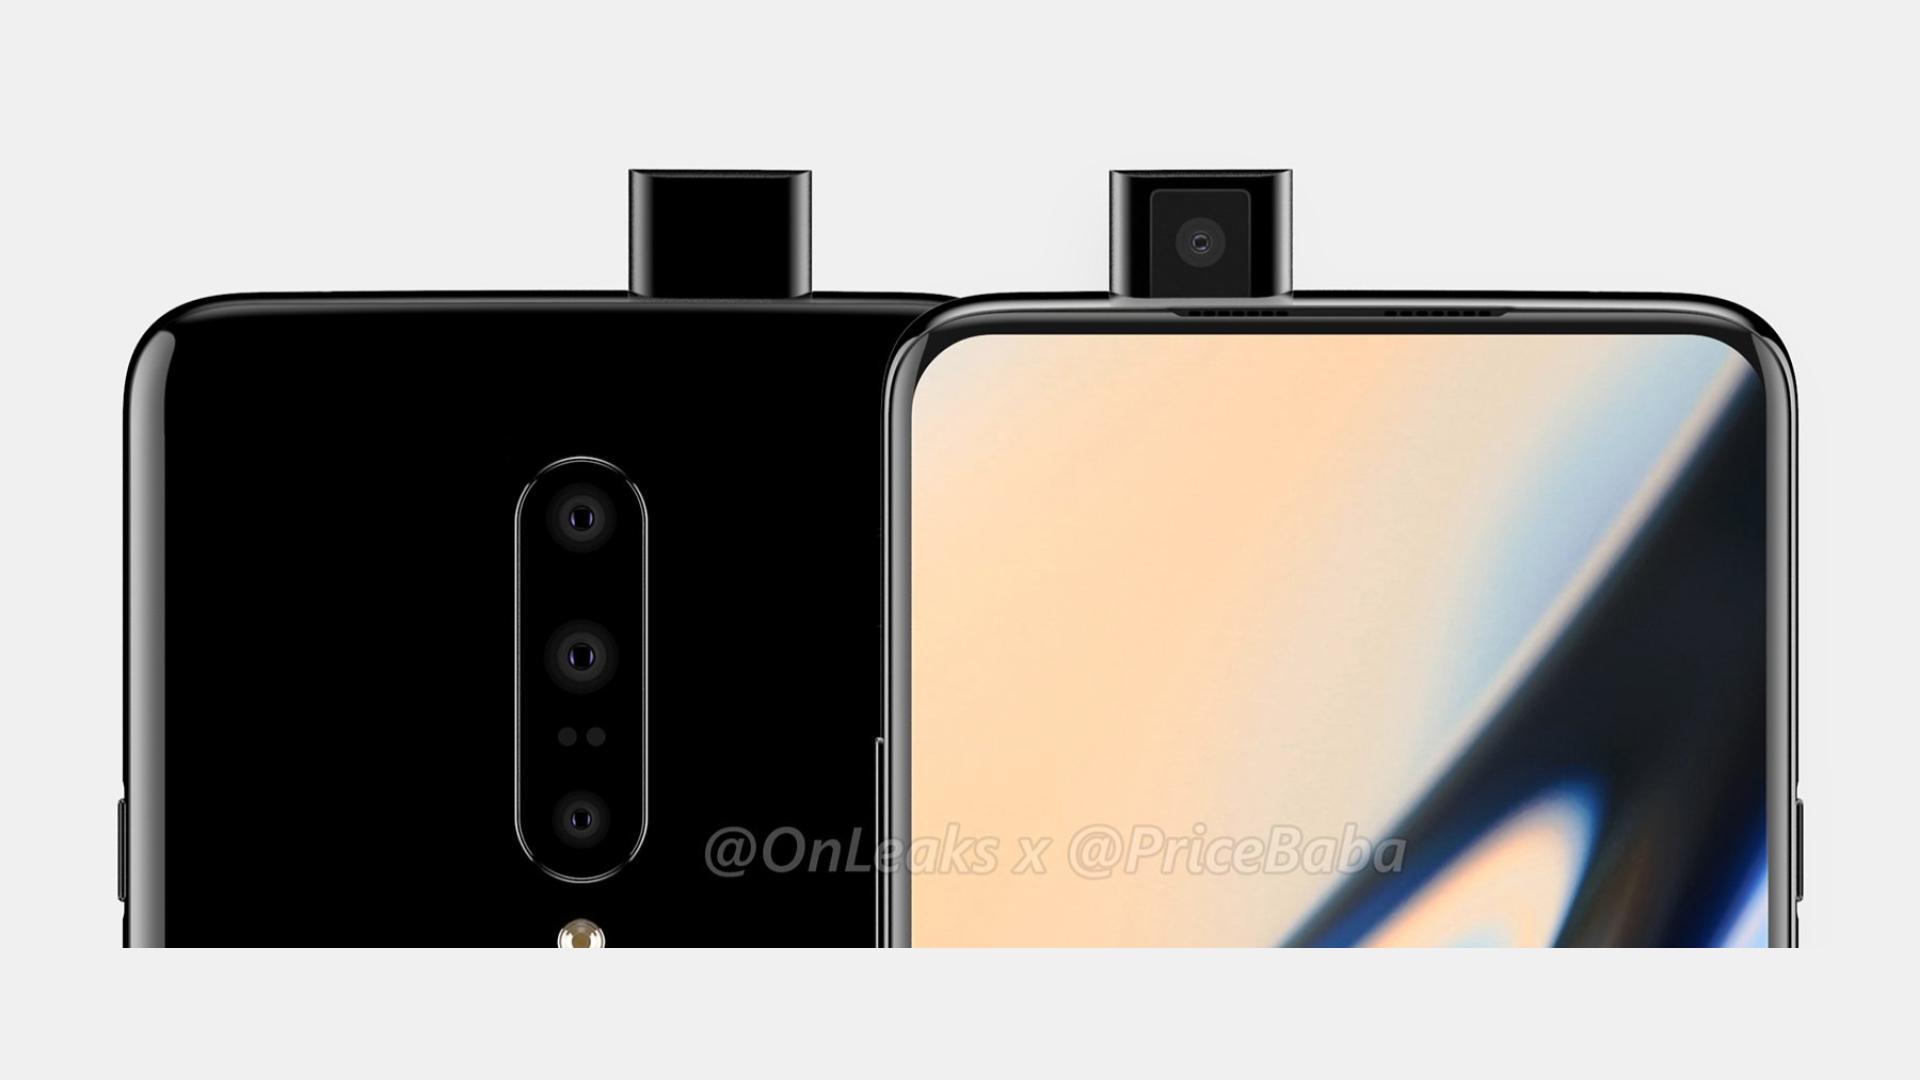 OnePlus 7 Pro : le triple capteur photo est confirmé par la marque